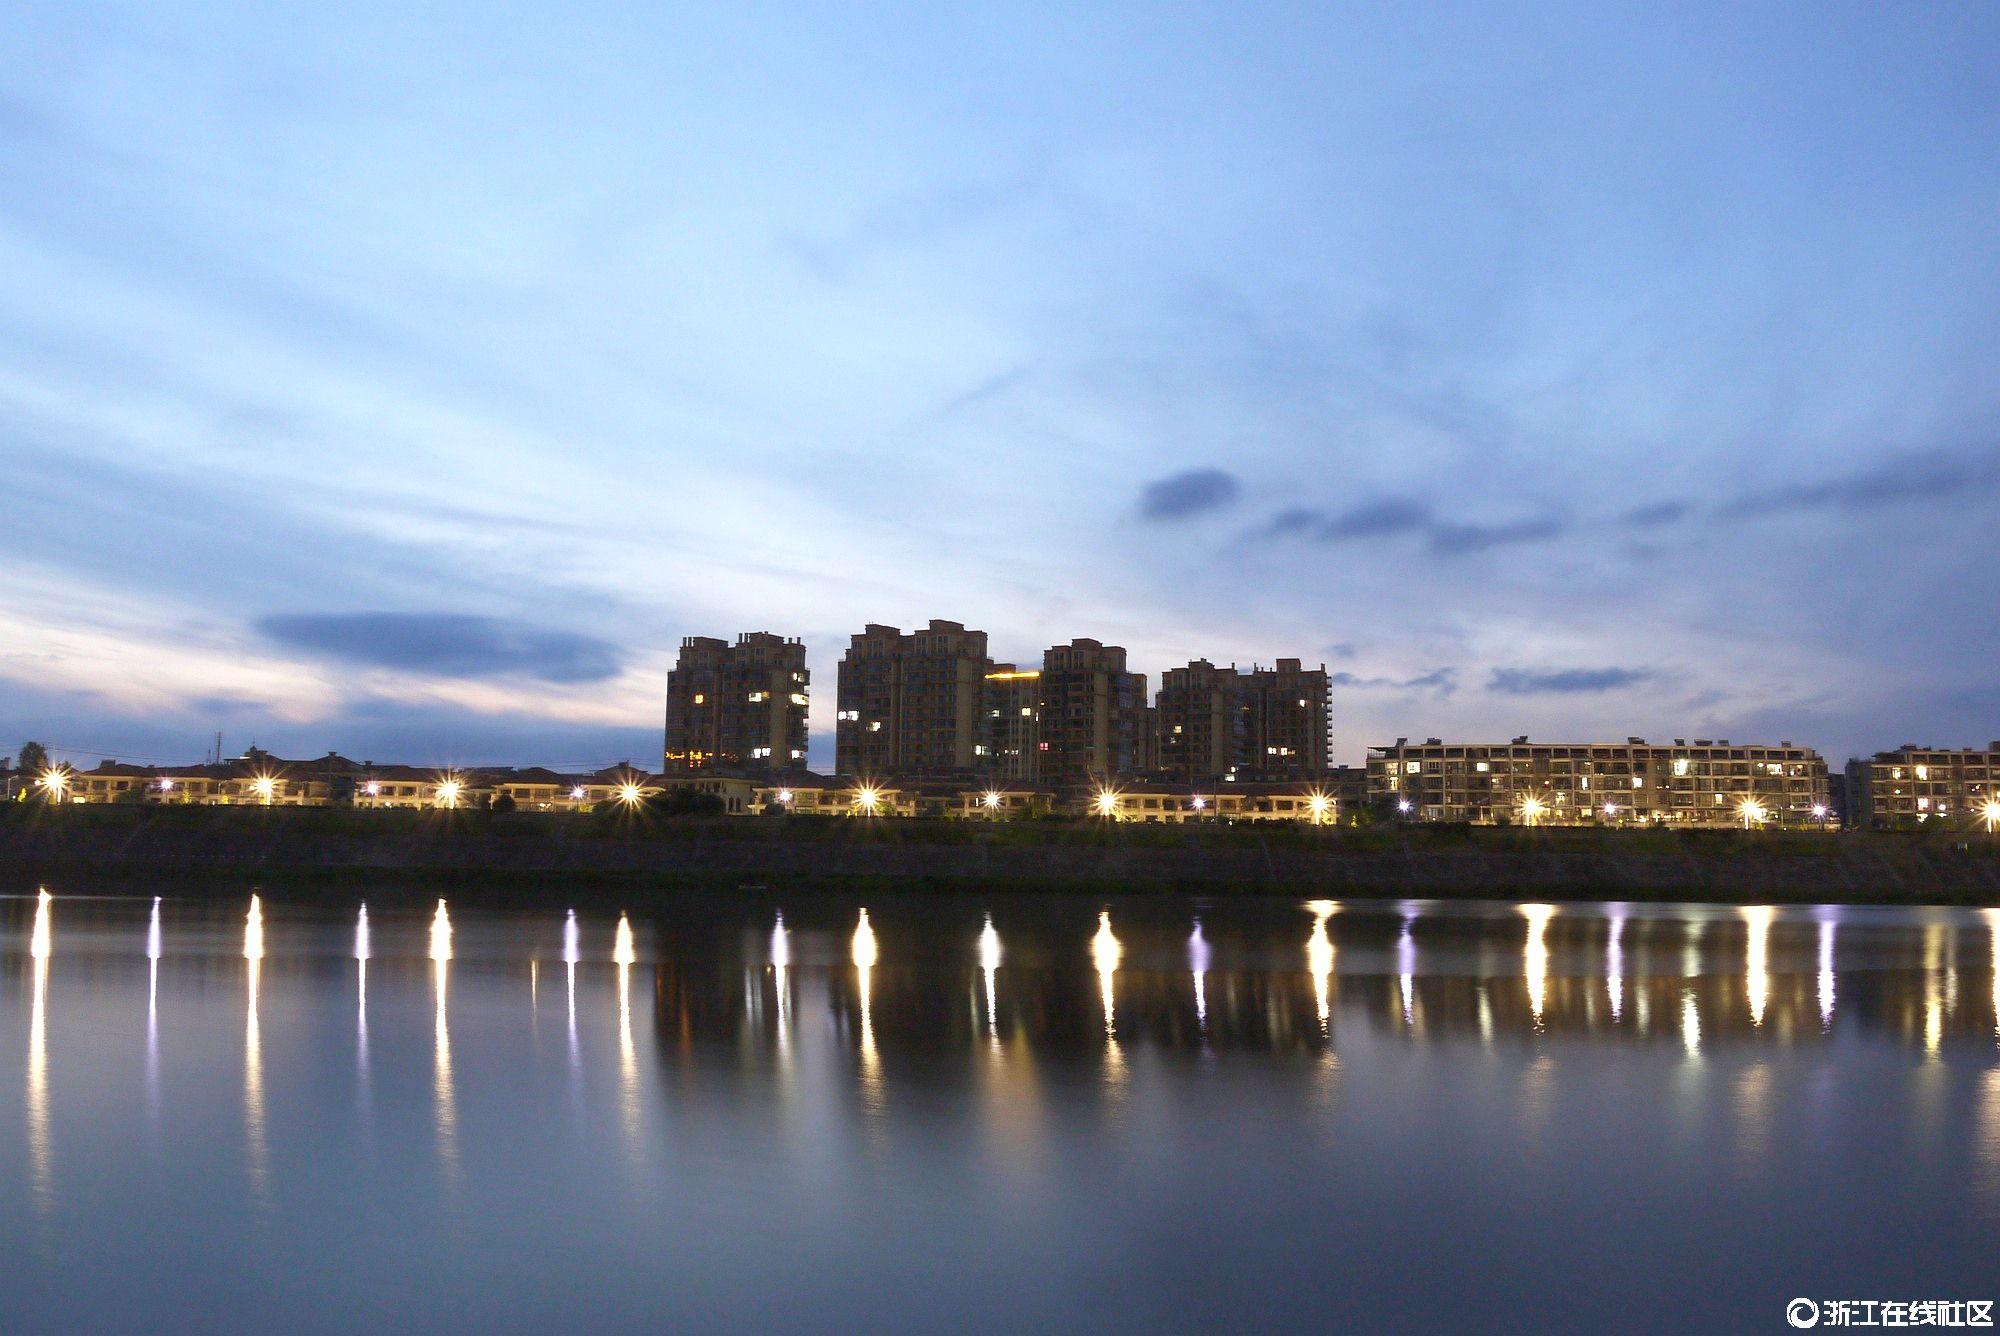 【行行摄摄】剡溪